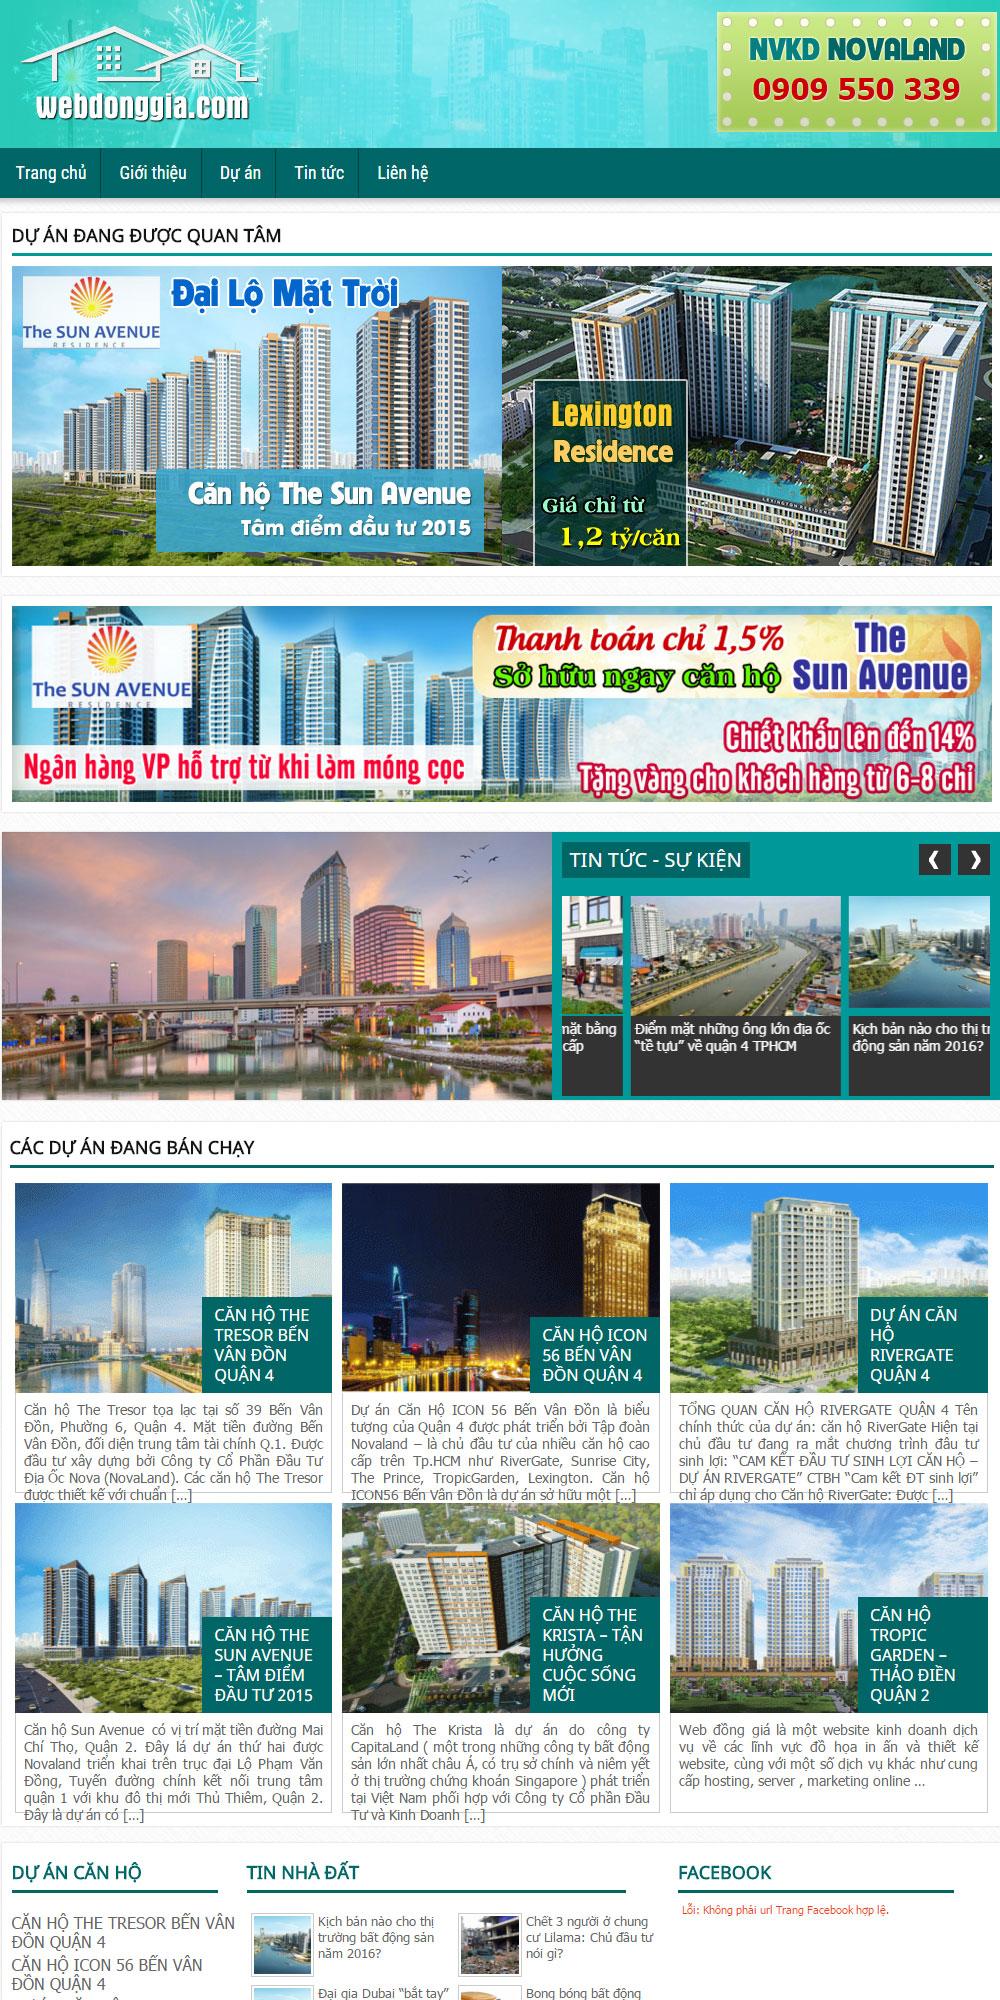 Giao diện bất động sản màu xanh lục